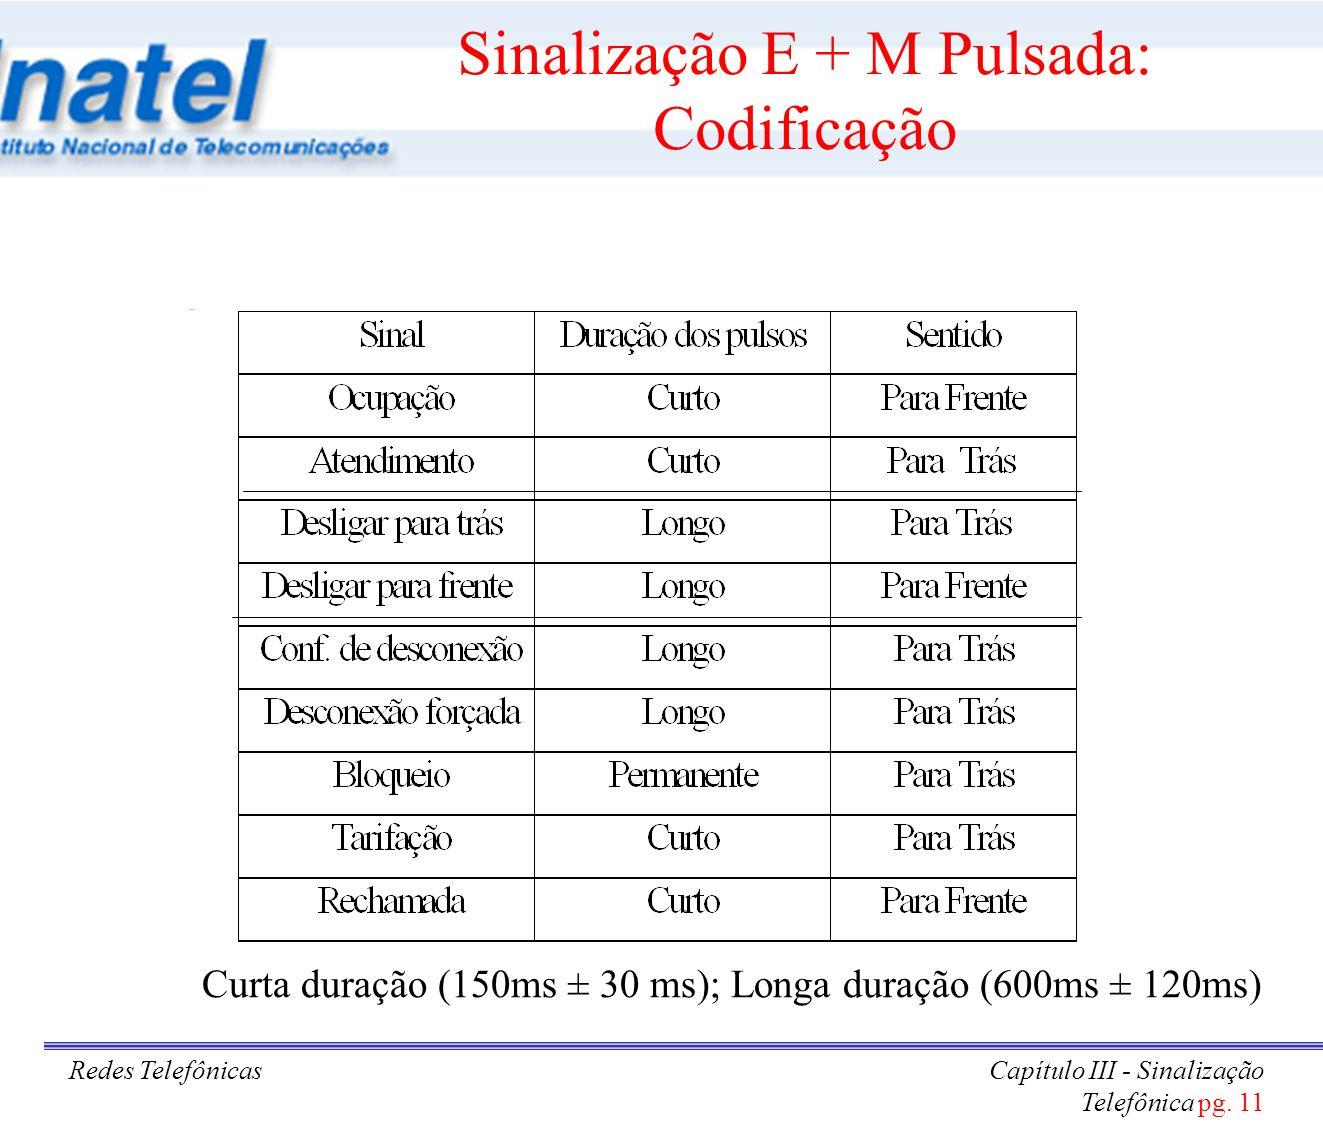 Redes TelefônicasCapítulo III - Sinalização Telefônica pg. 11 Sinalização E + M Pulsada: Codificação Curta duração (150ms ± 30 ms); Longa duração (600